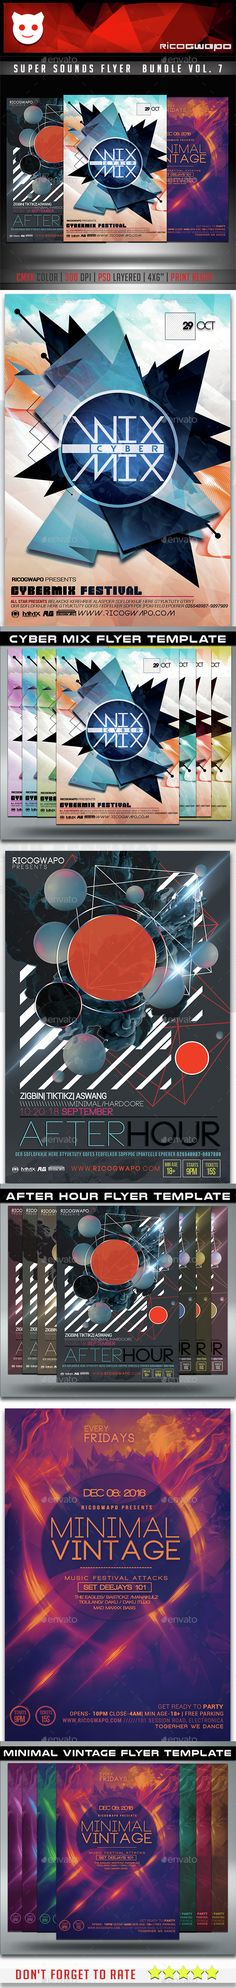 Super Sounds Flyer Template PSD Bundle. Download here: http://graphicriver.net/item/super-sounds-flyer-bundle-vol-7/15189853?ref=ksioks